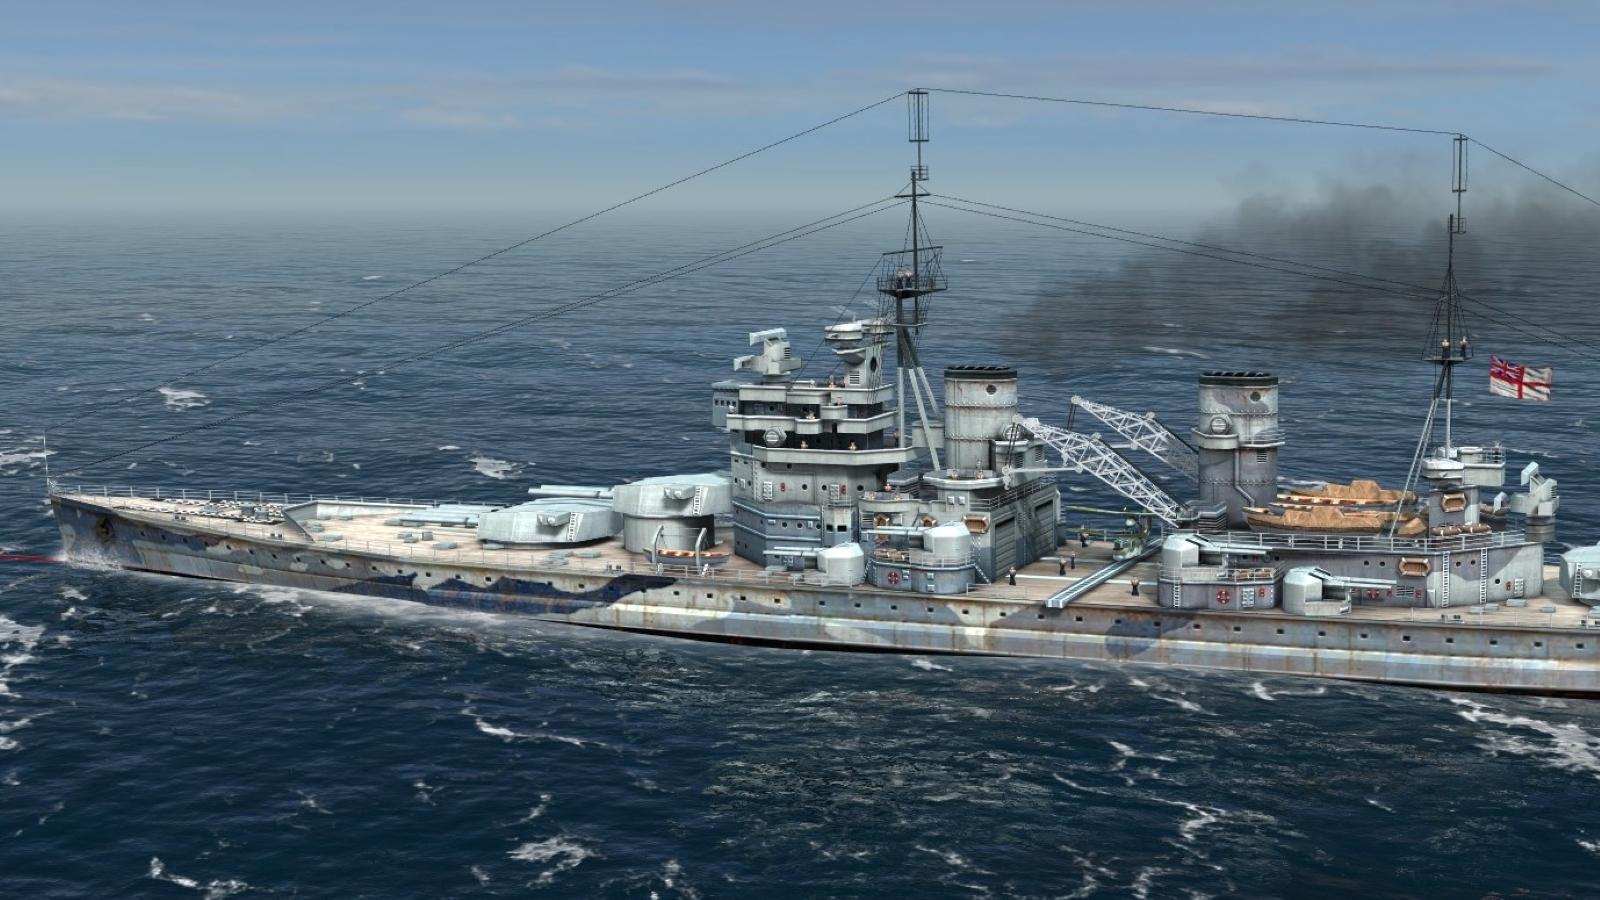 HMS-Prince-of-Wales.jpg